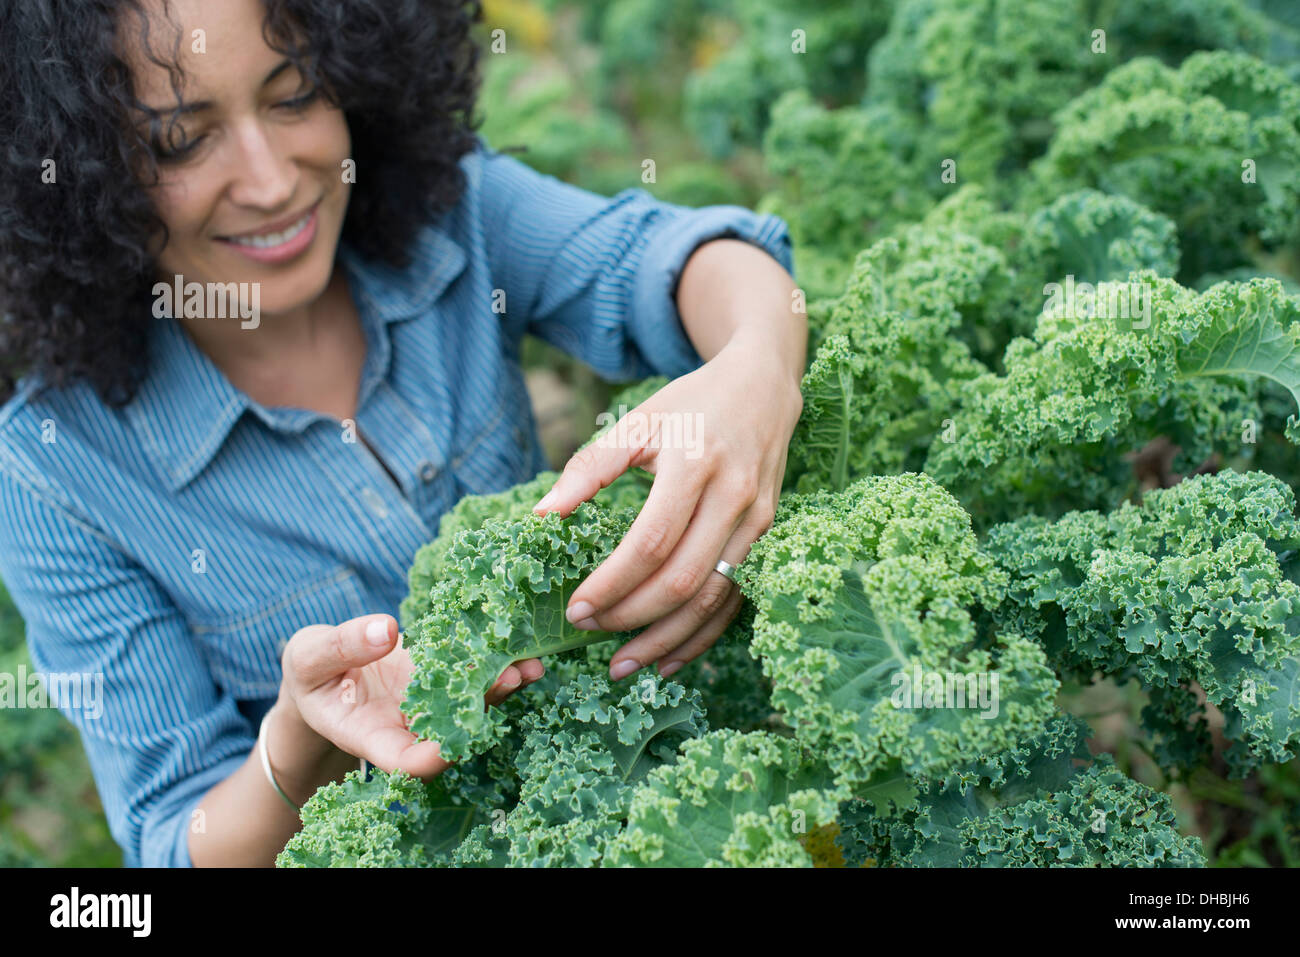 Una granja orgánica de hortalizas. Una mujer que trabaja entre la nitidez de la col rizada de cosecha. Imagen De Stock